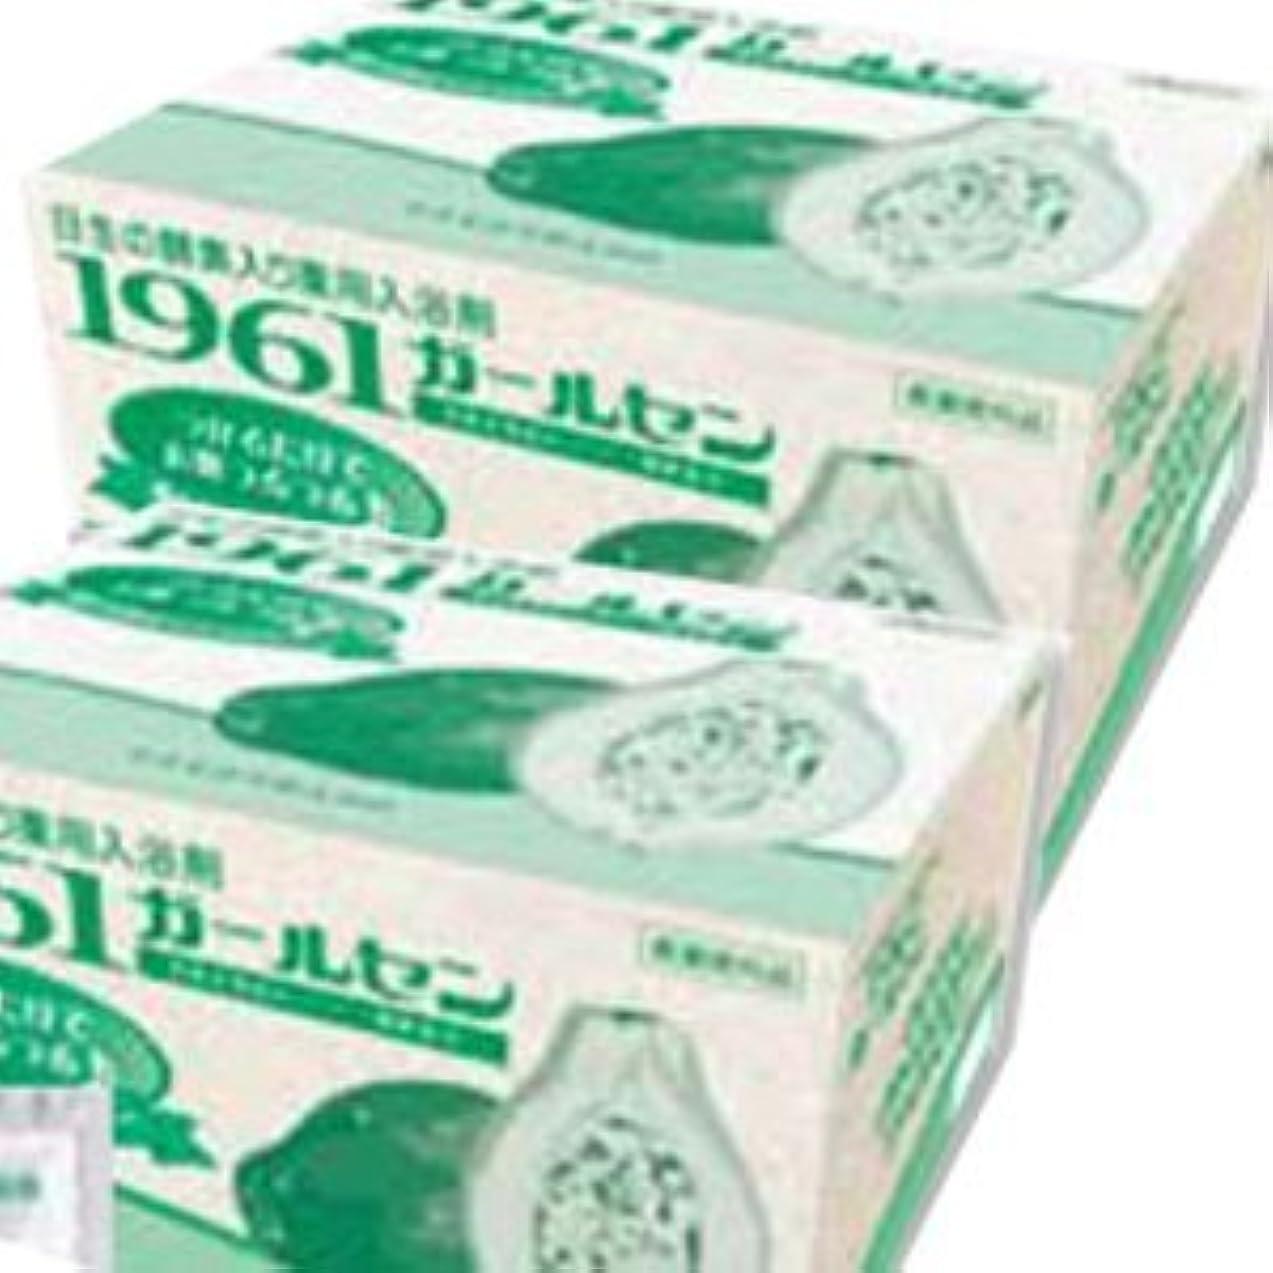 限りなくスケッチ正確に日本生化学 薬用入浴剤 1961ガールセン (20g×60包)×2箱 (医薬部外品)